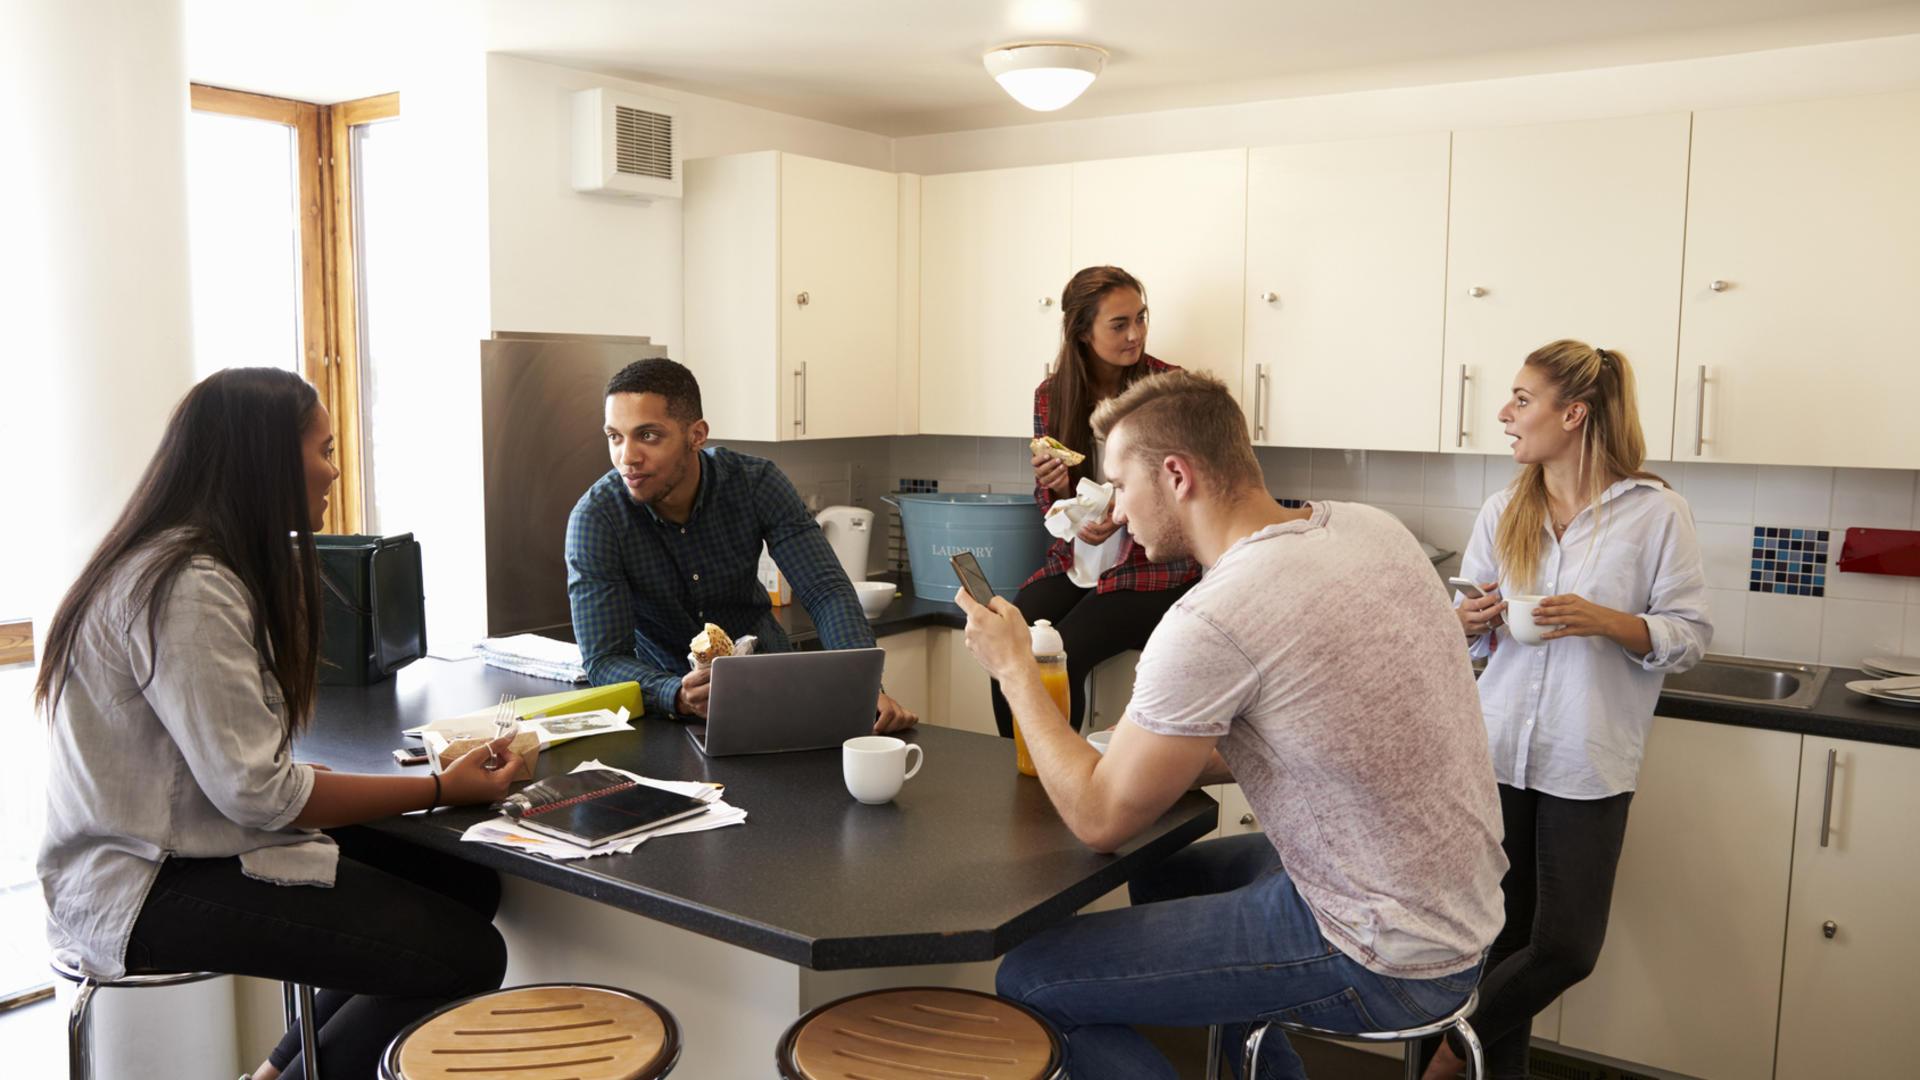 les diff rents types de logements tudiants campus france. Black Bedroom Furniture Sets. Home Design Ideas